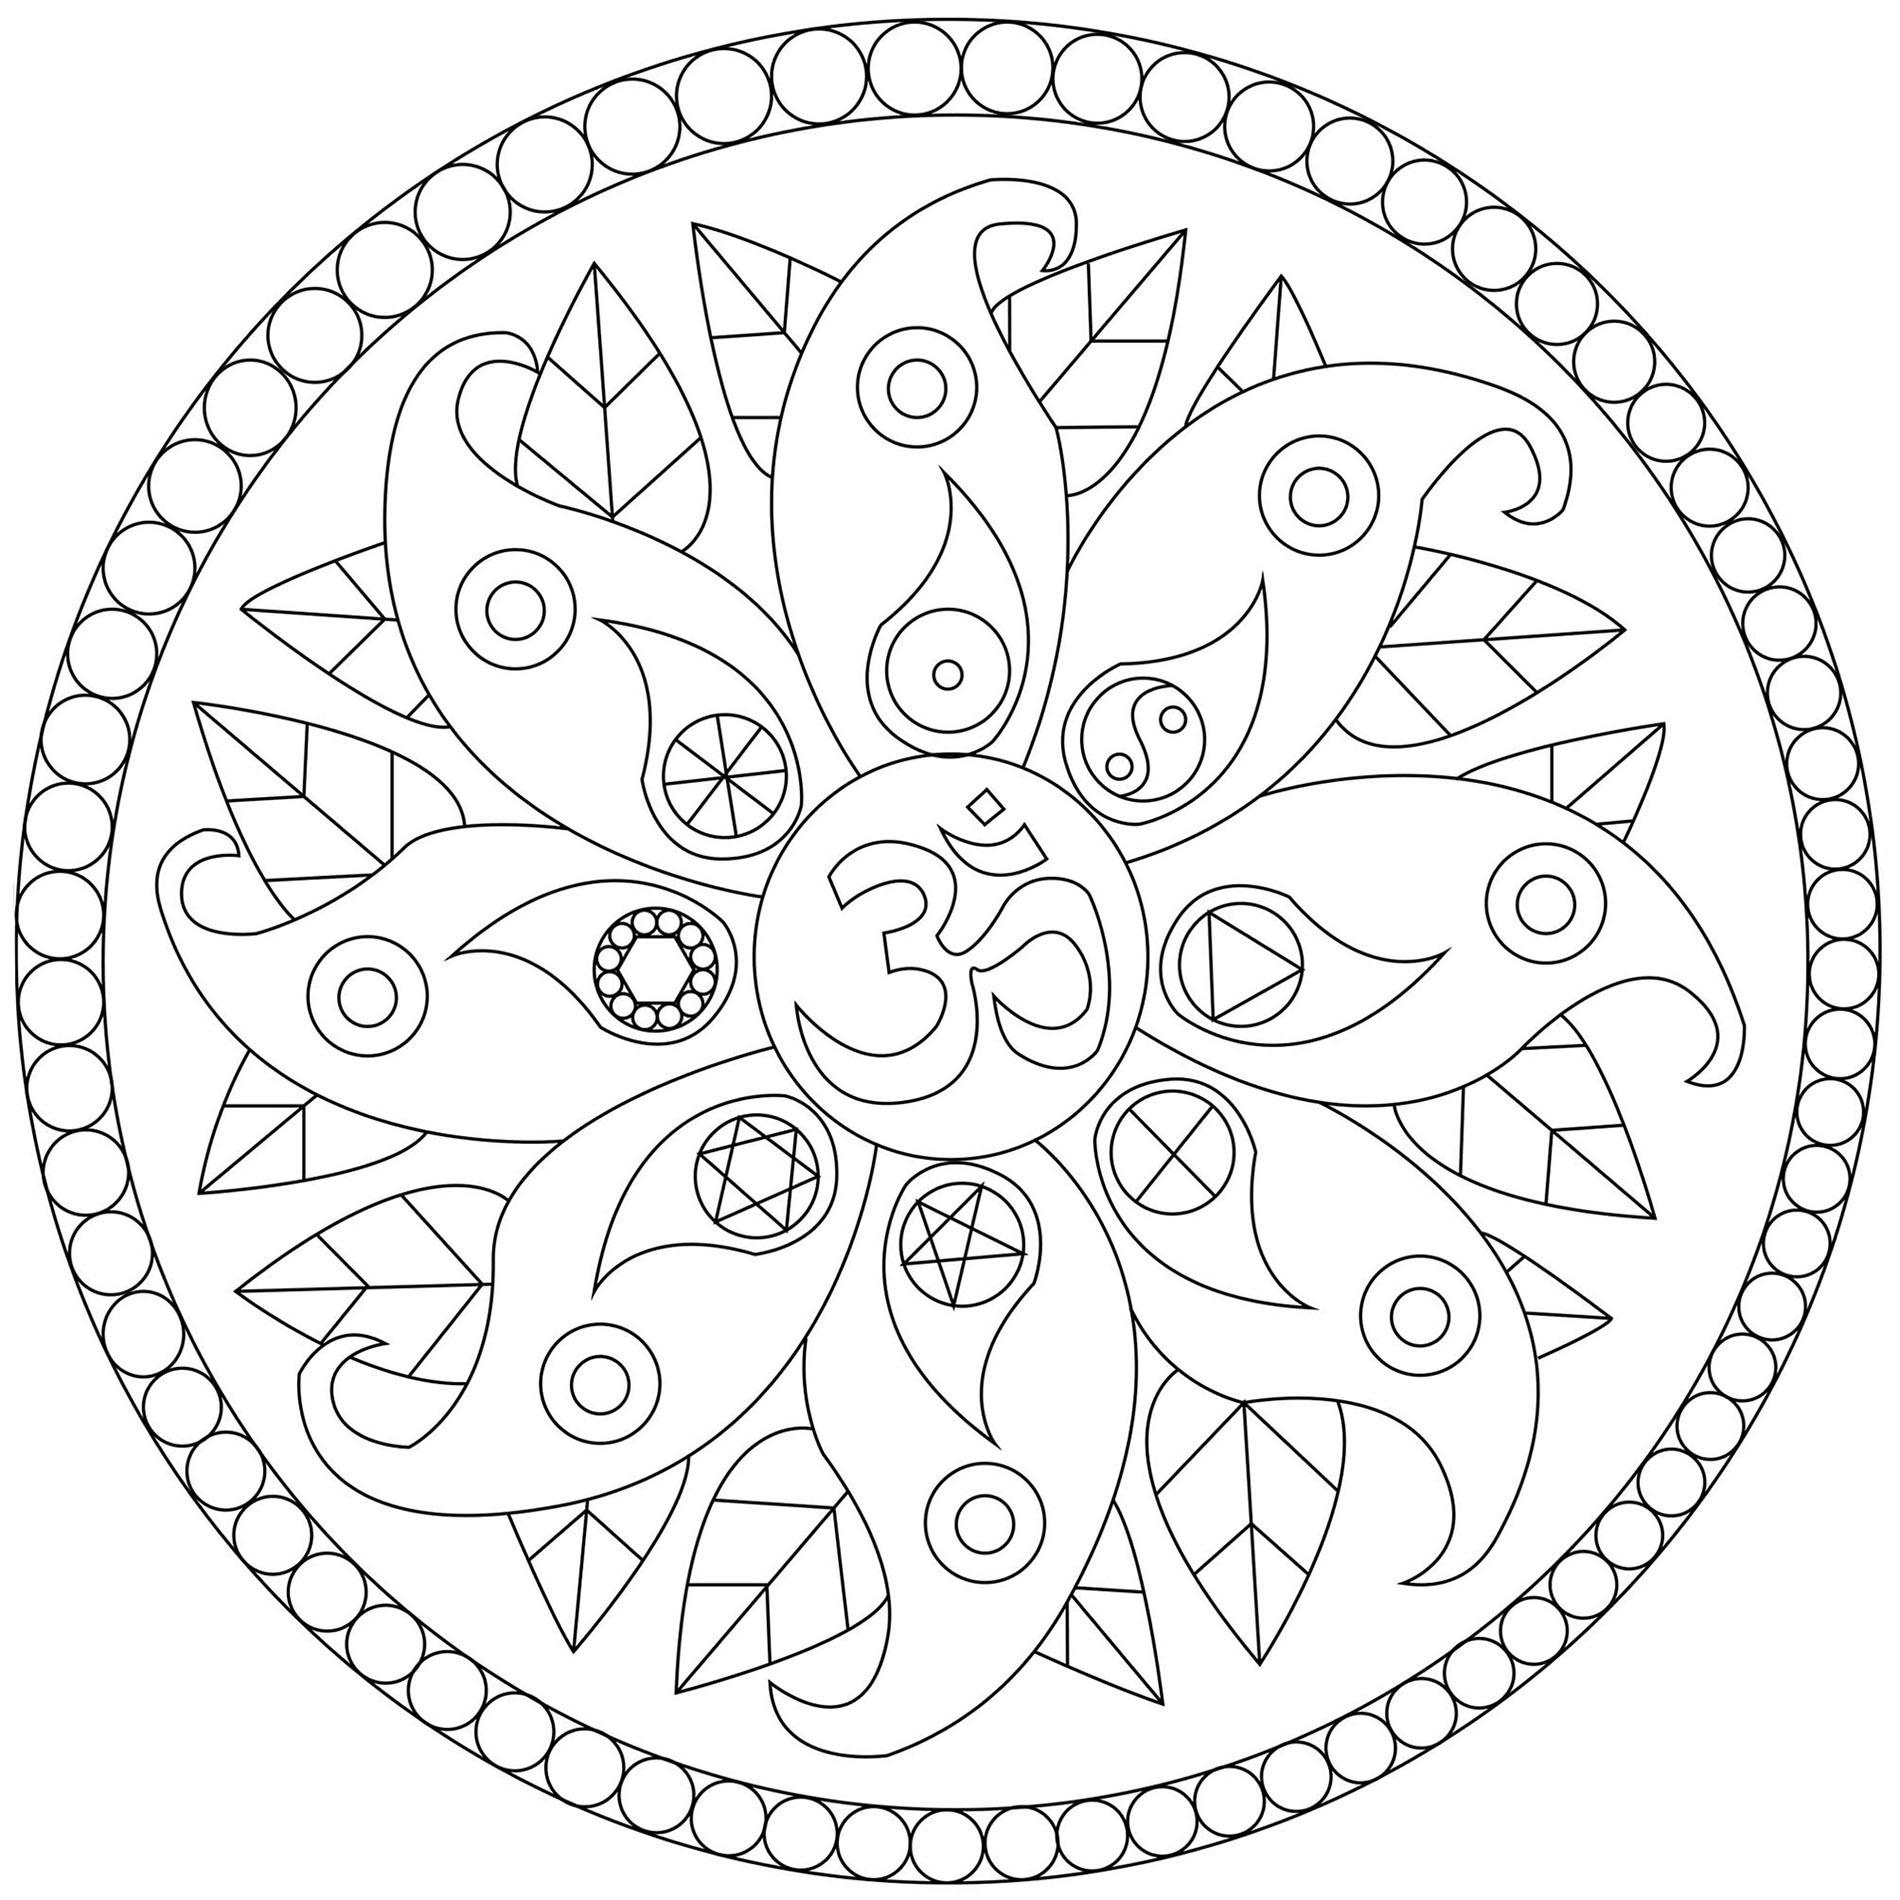 Mandala With Petals And Symbols